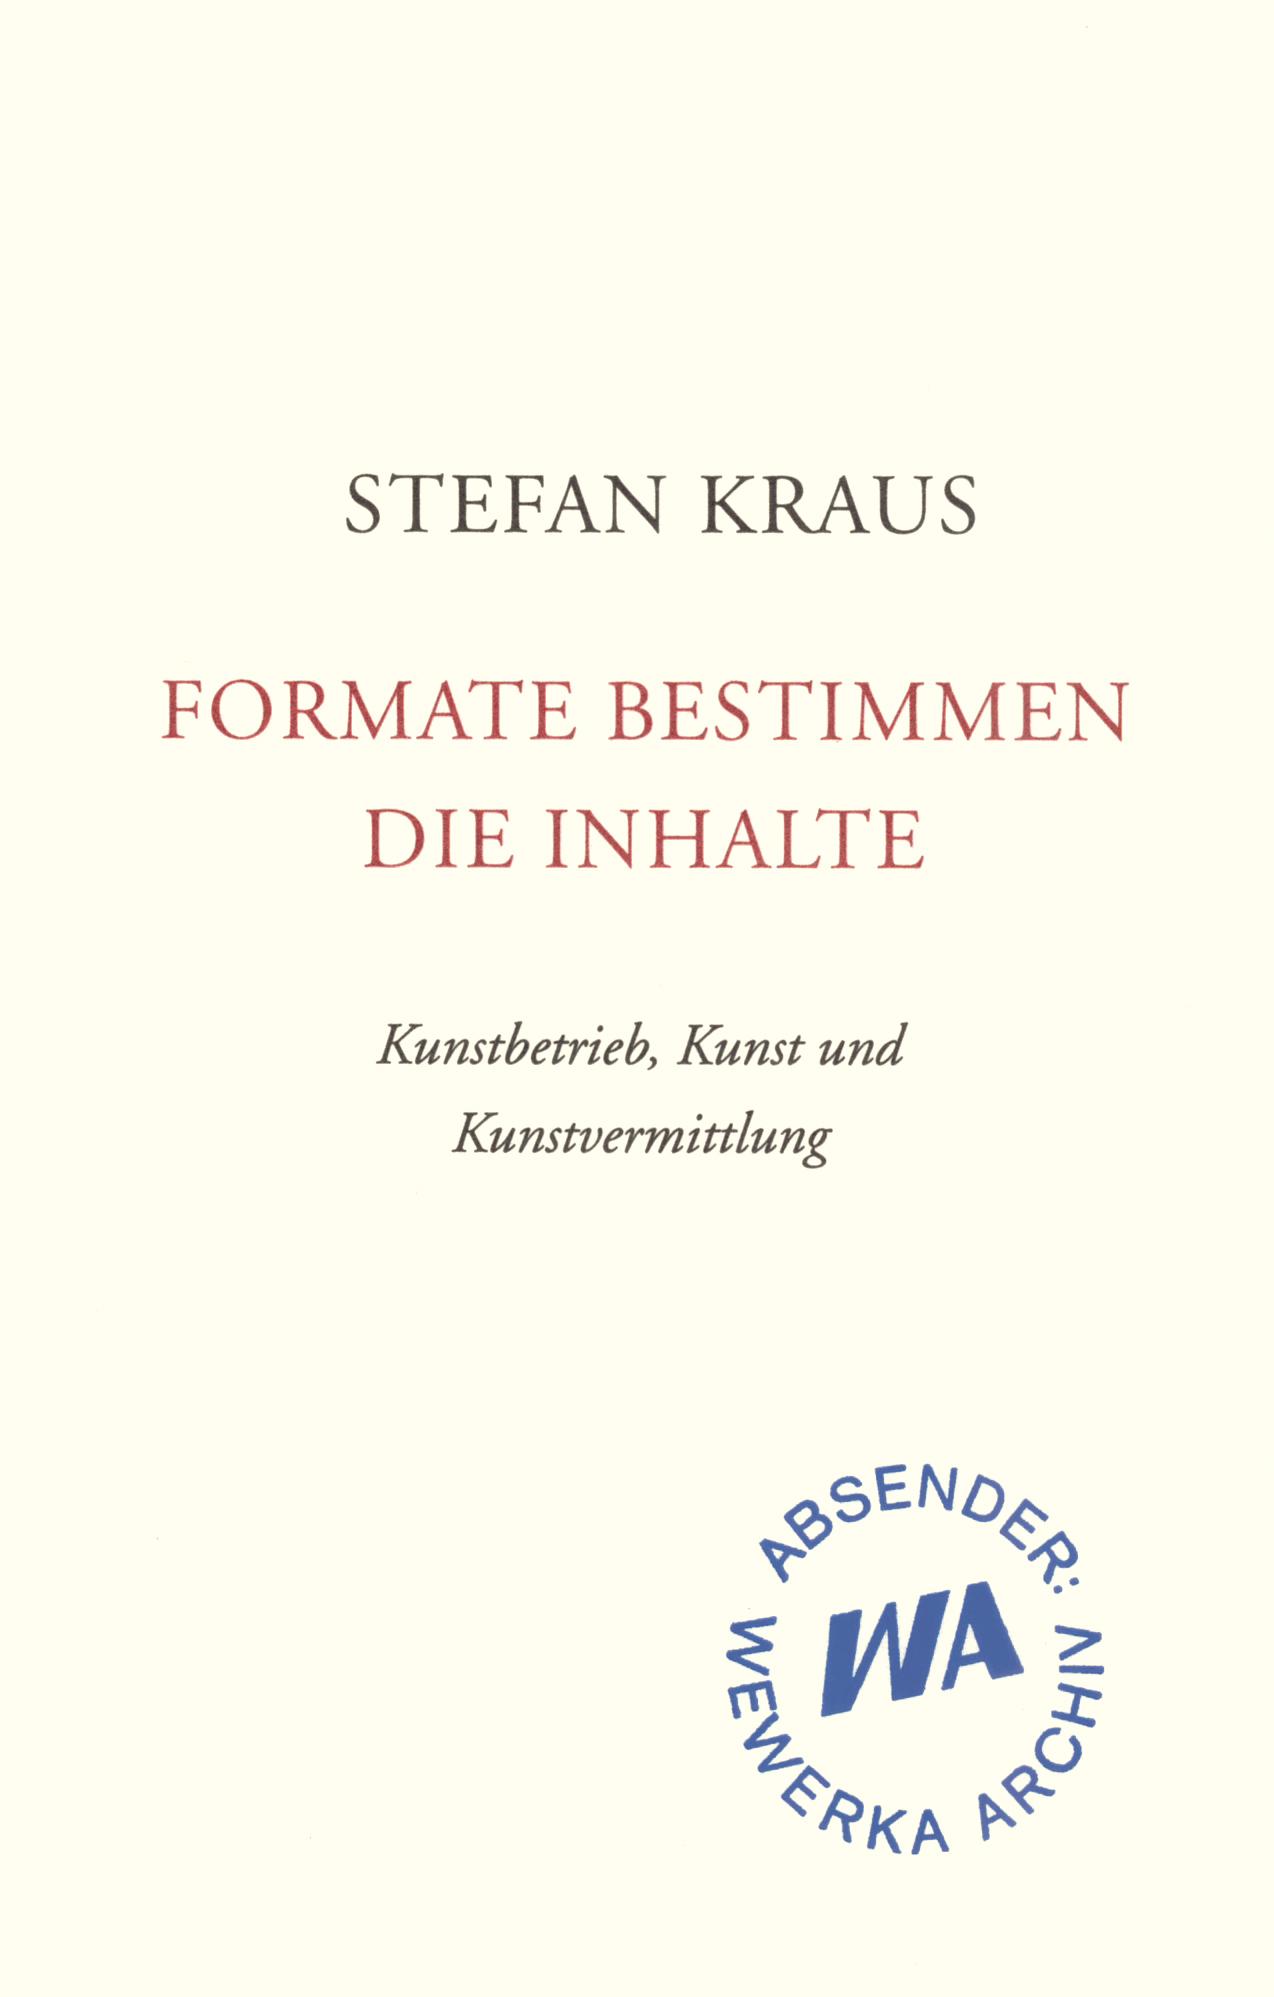 NEU Formate bestimmen die Inhalte Stefan Kraus 814051